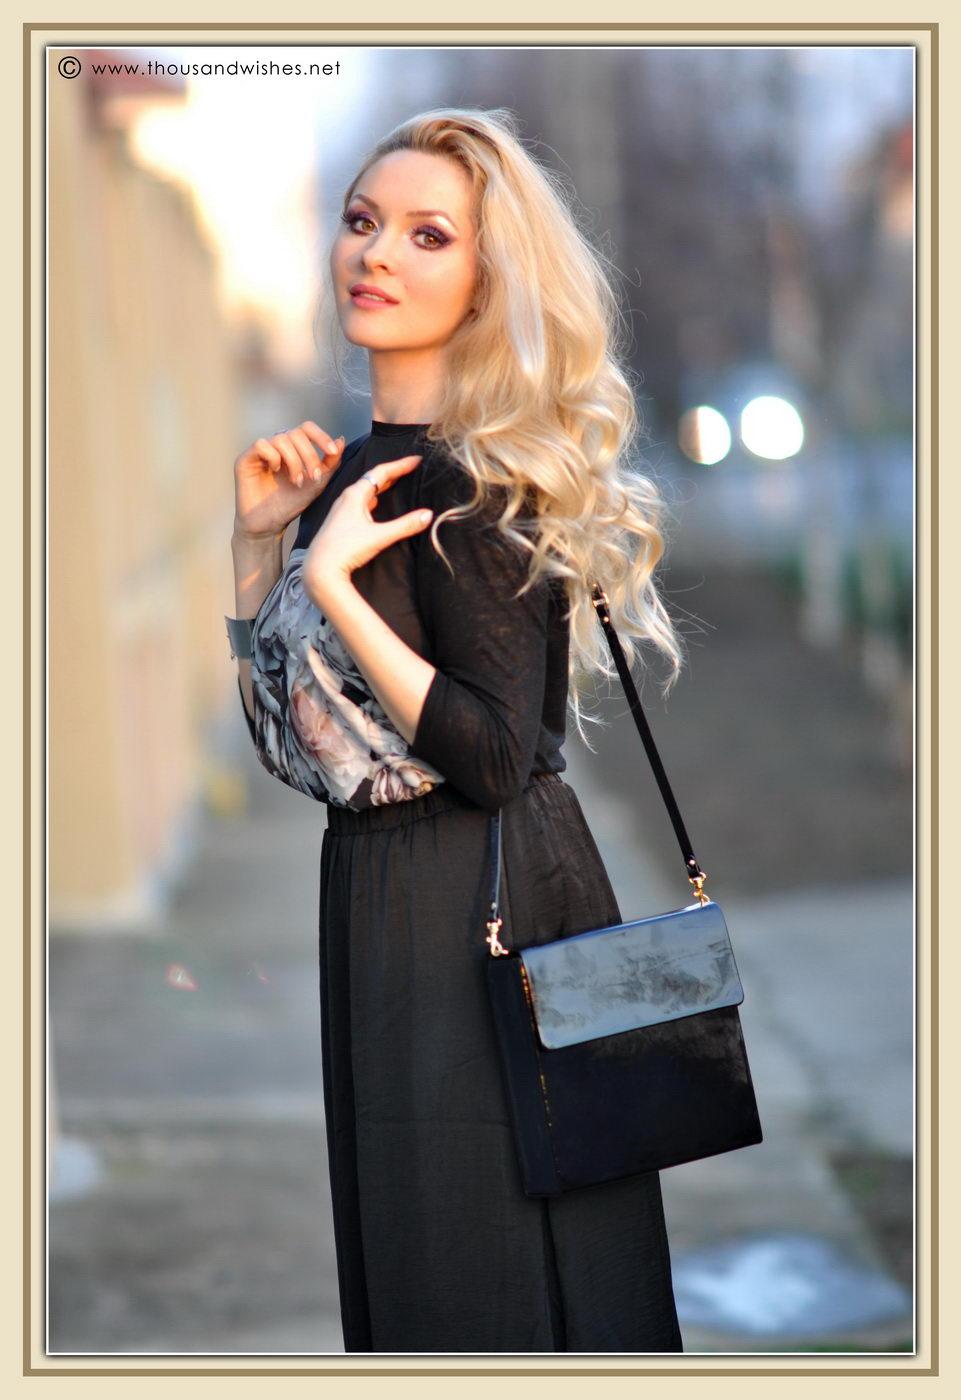 01_glossy_black_bag_skirt